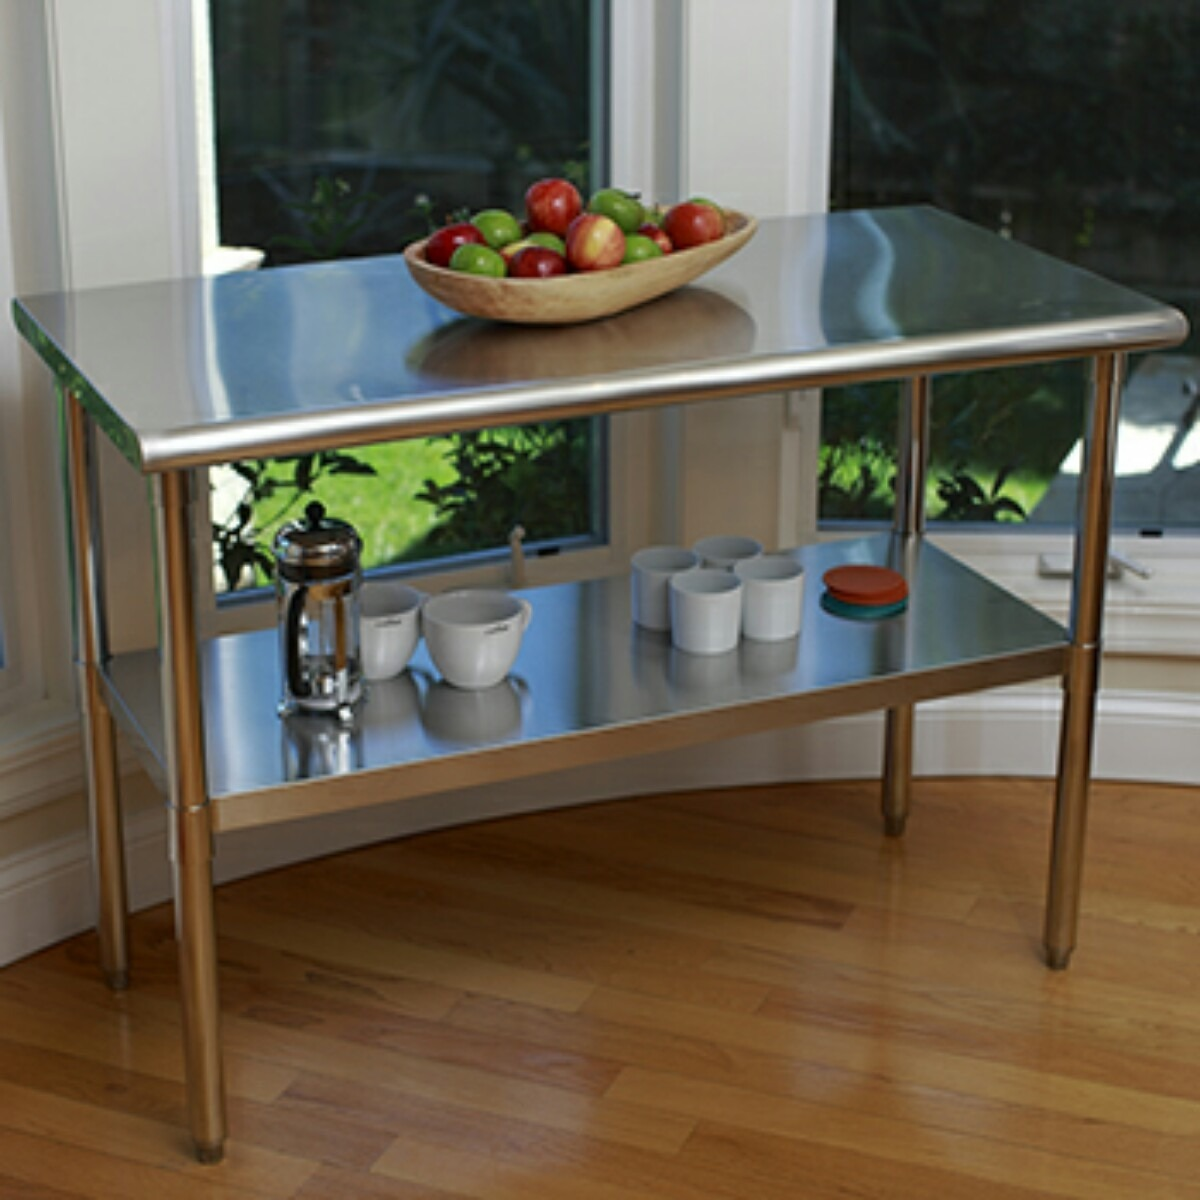 Mesa acero inoxidable mesa de trabajo cocina 3 for Mesas de trabajo para cocina